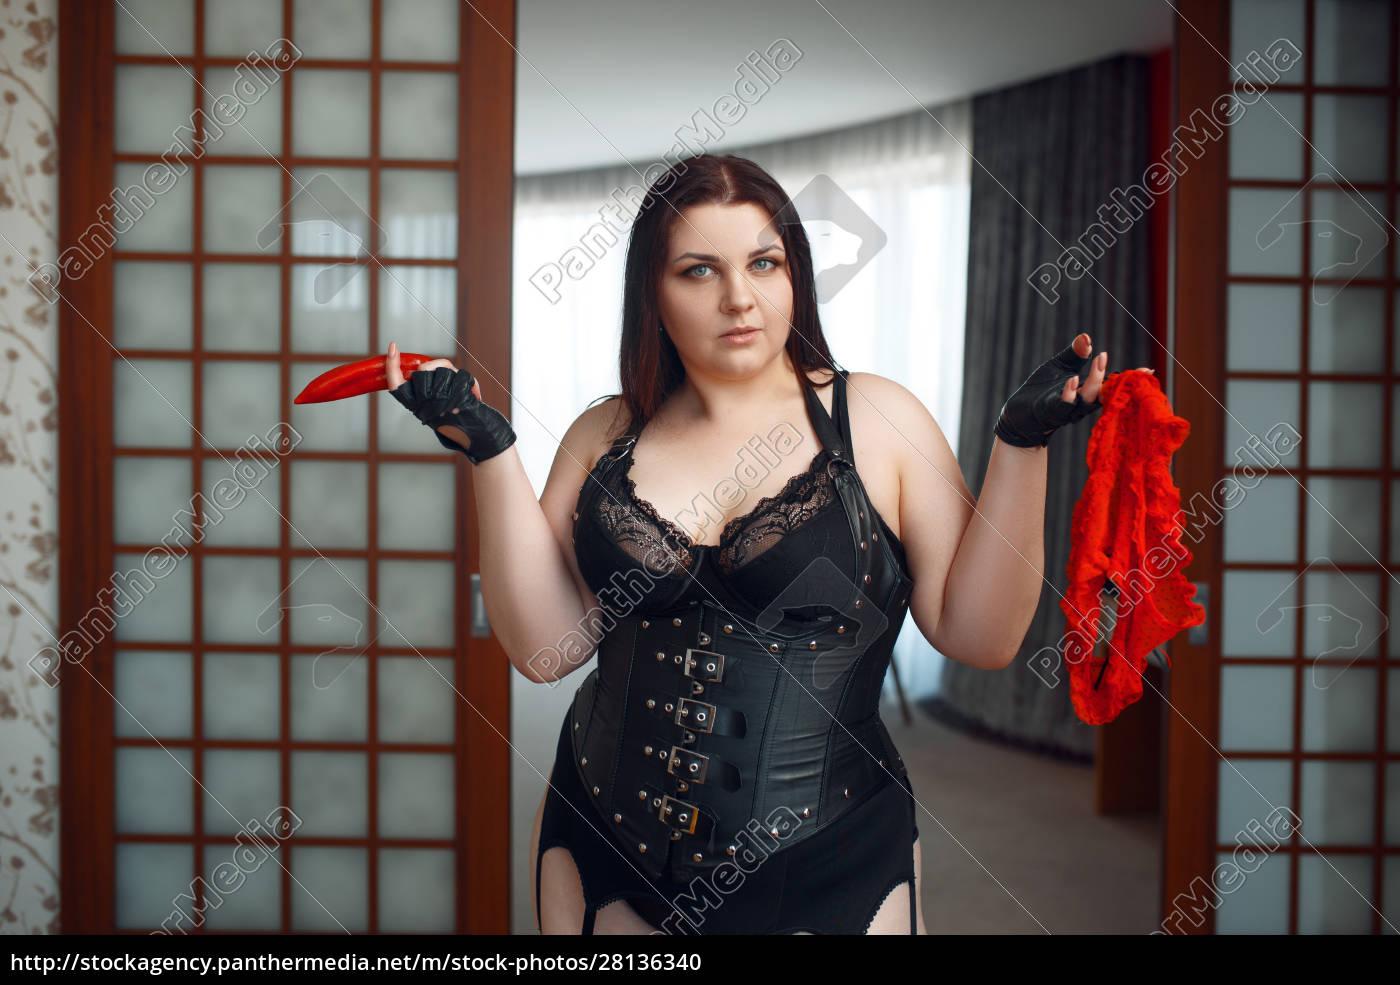 fett, perverse, frau, hält, roten, pfeffer - 28136340